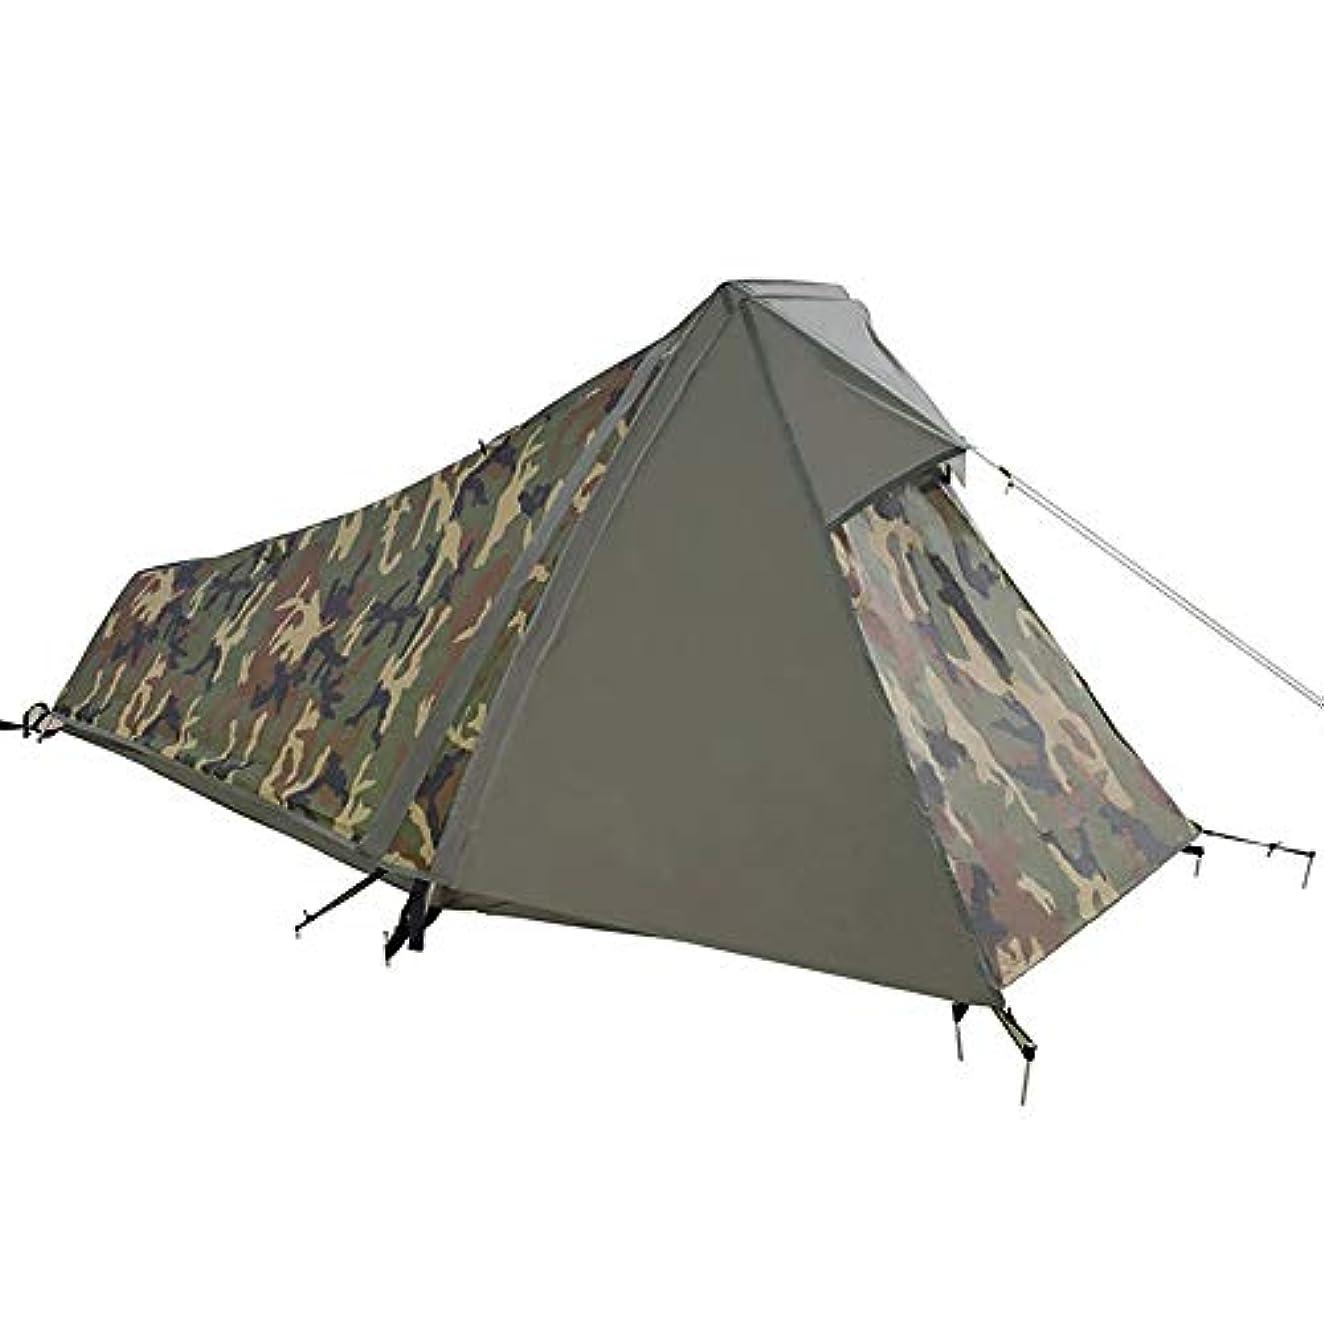 選ぶ満たす合法自動テント、4シーズン軽量バックパッキングテント、コンパクトキャンプテント、屋外ハイキング旅行観光テント